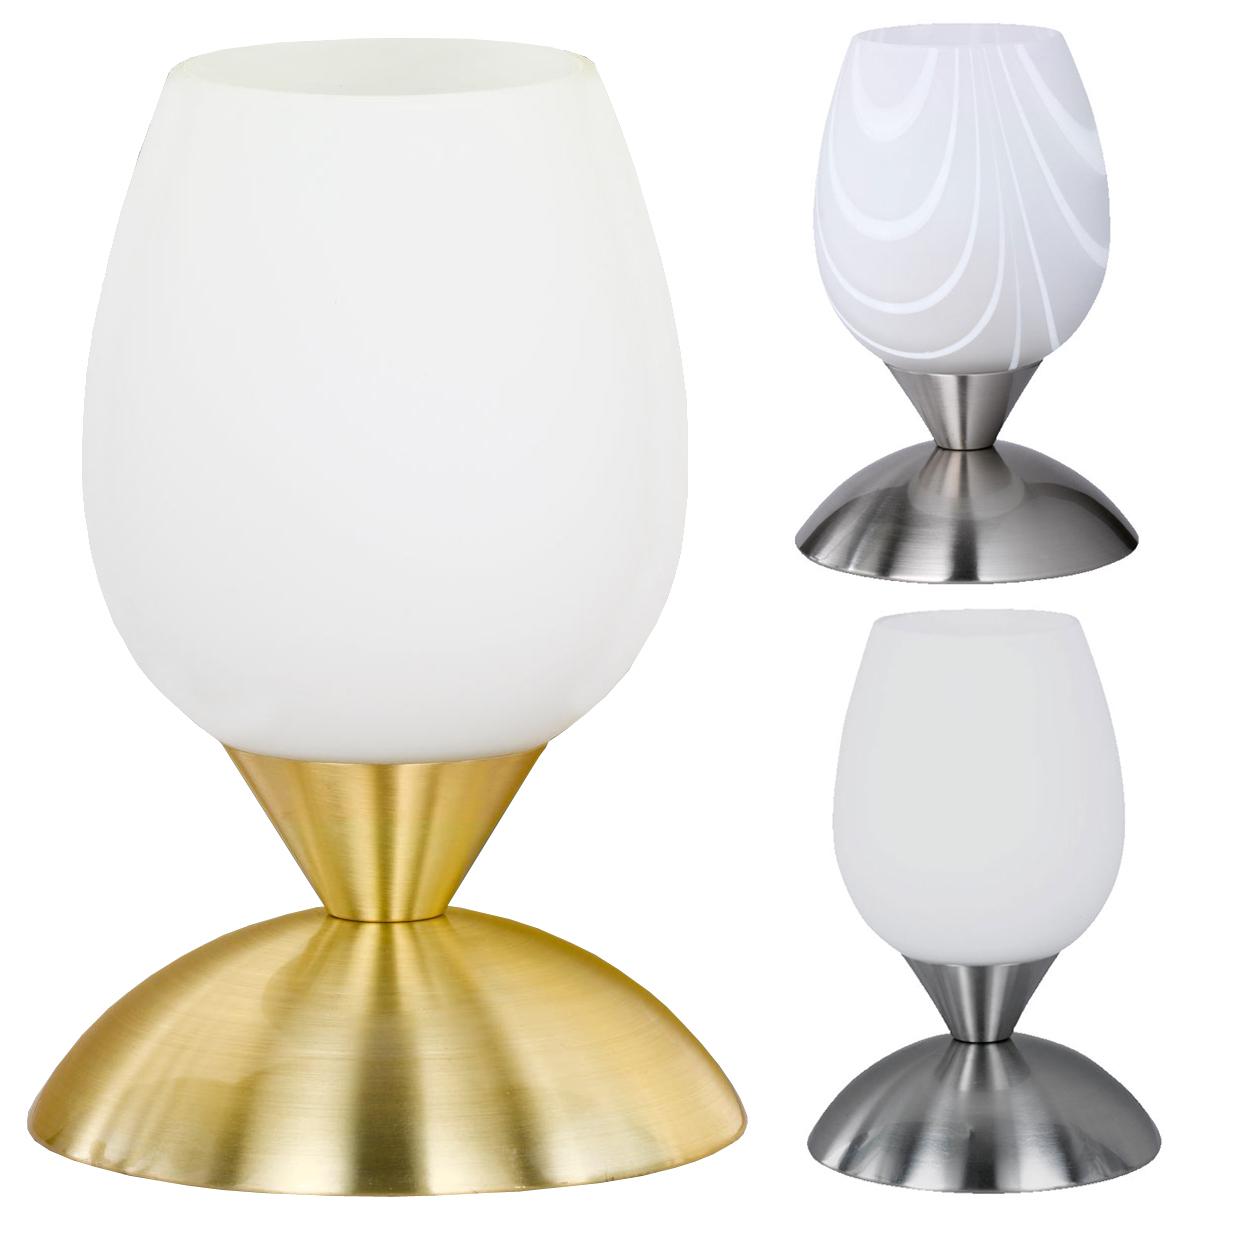 reality trio tischleuchte tischlampe touch me glas matt wei zebraoptik ebay. Black Bedroom Furniture Sets. Home Design Ideas